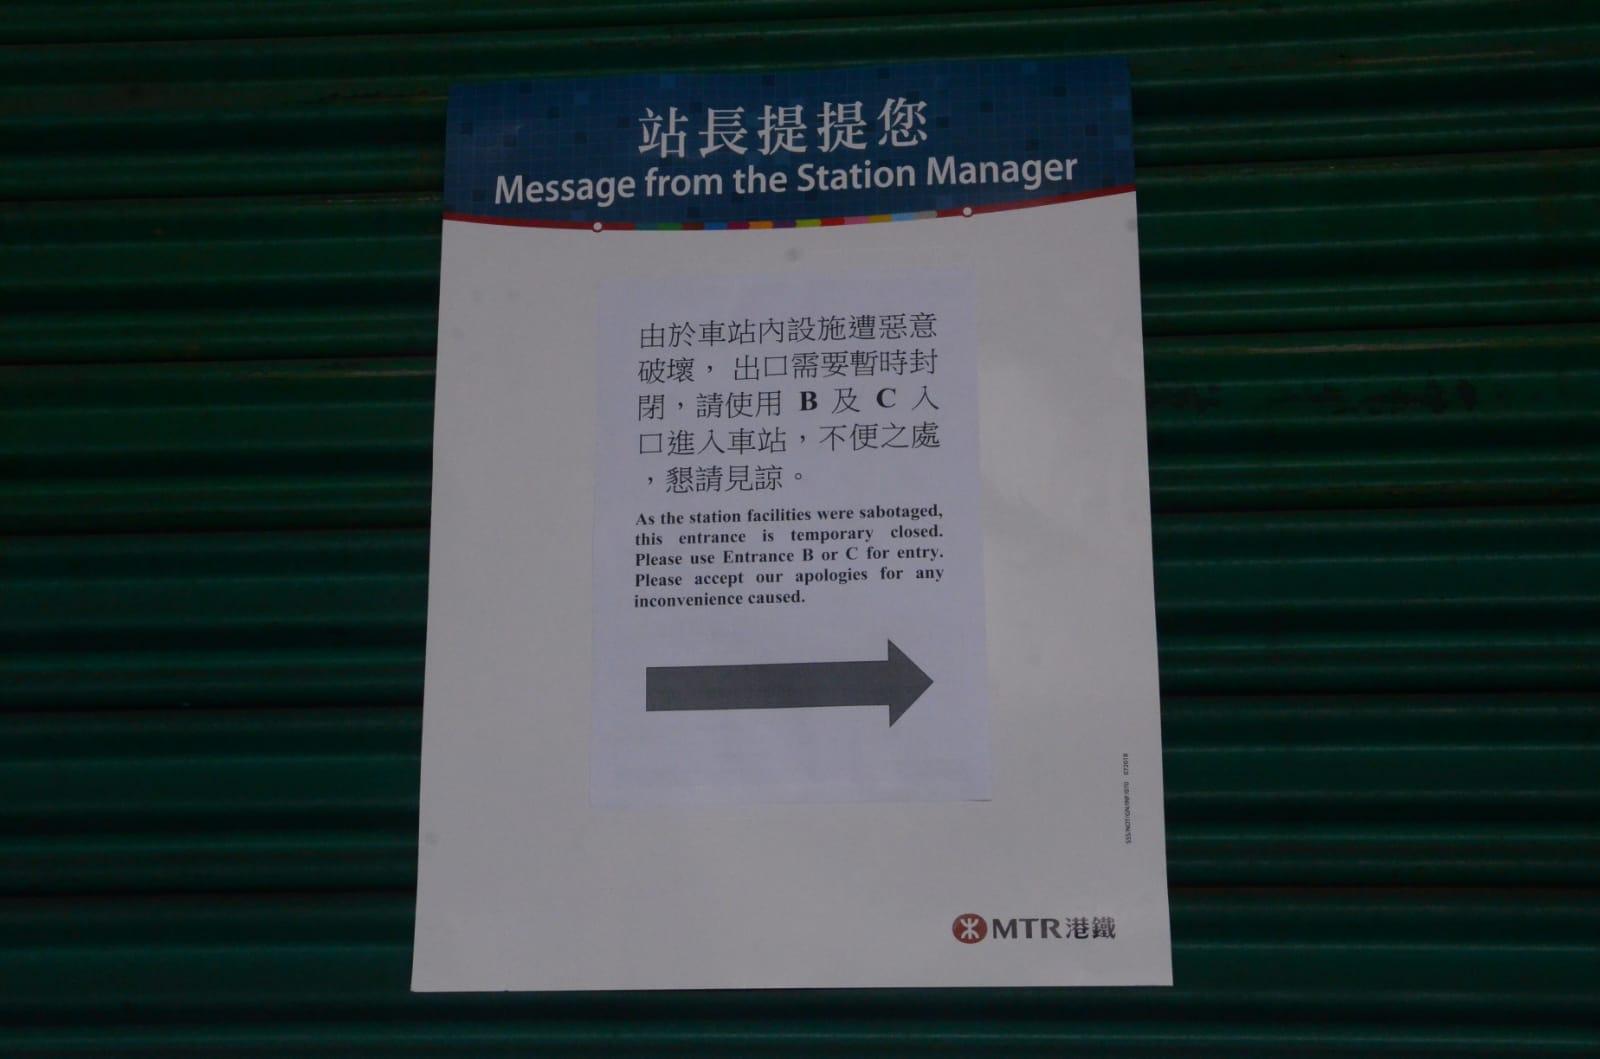 葵芳站的A及D出入口關閉。 蔡楚輝攝